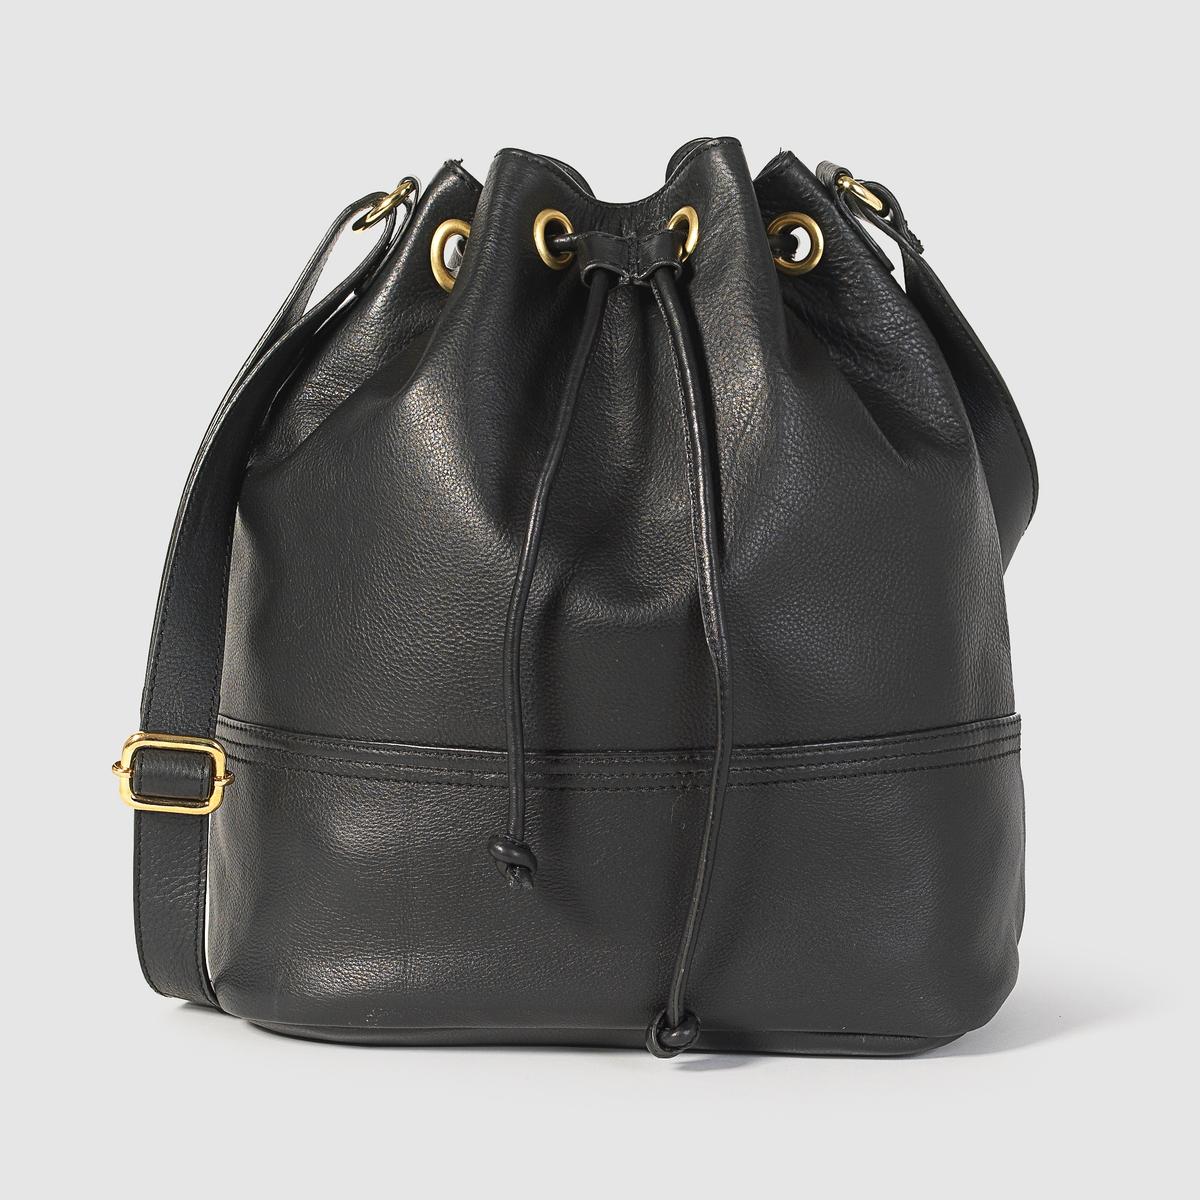 Сумка-мешокПреимущества : идеальная сумка для прогулок или работы благодаря своей практичности и утонченному аутентичному стилю.<br><br>Цвет: черный